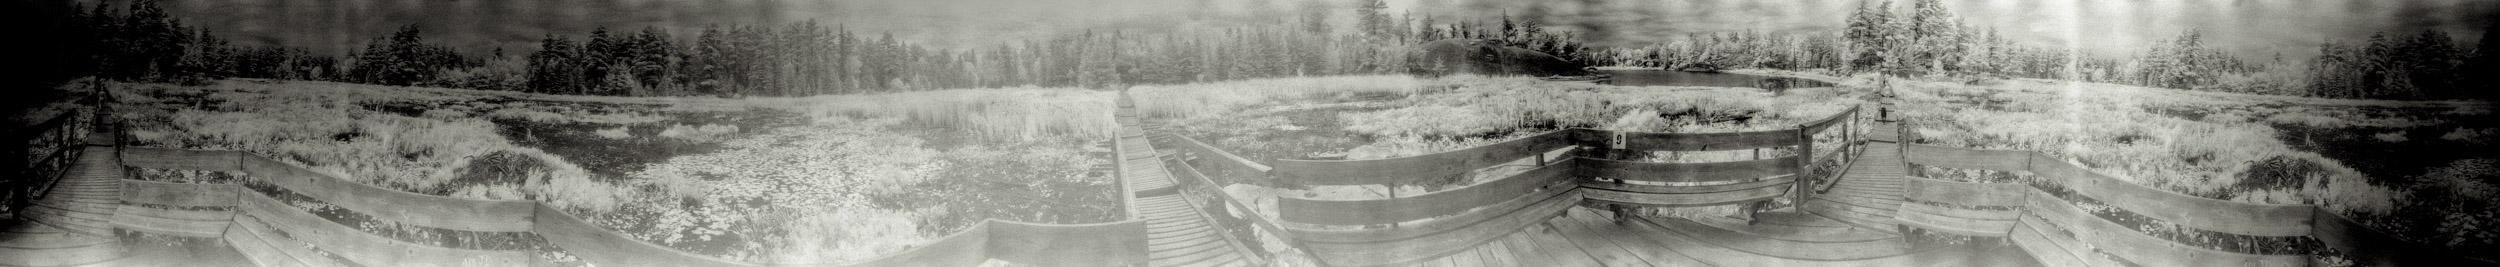 Platform at the centre of a bog